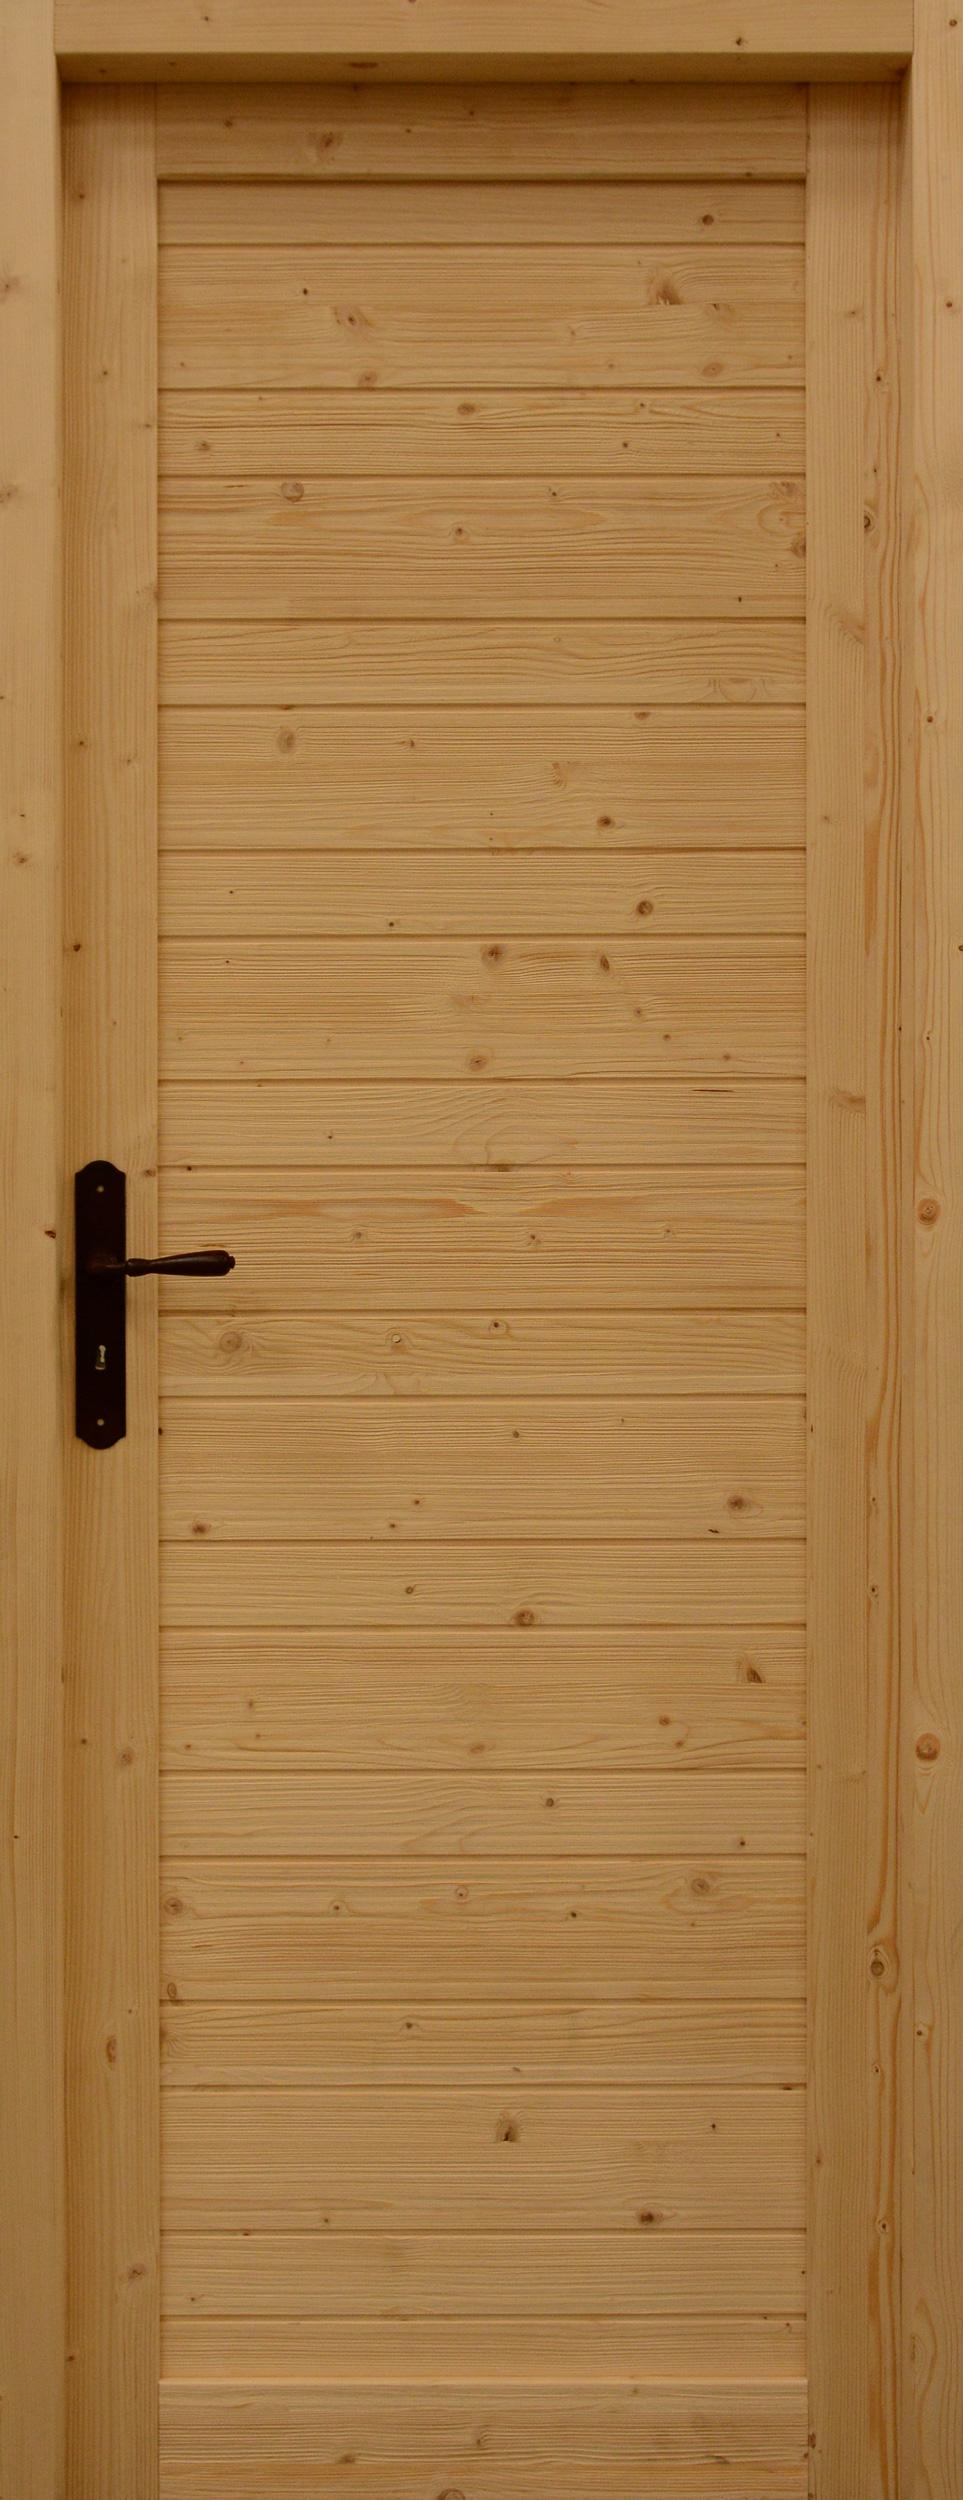 Porte d'intérieur Chalet